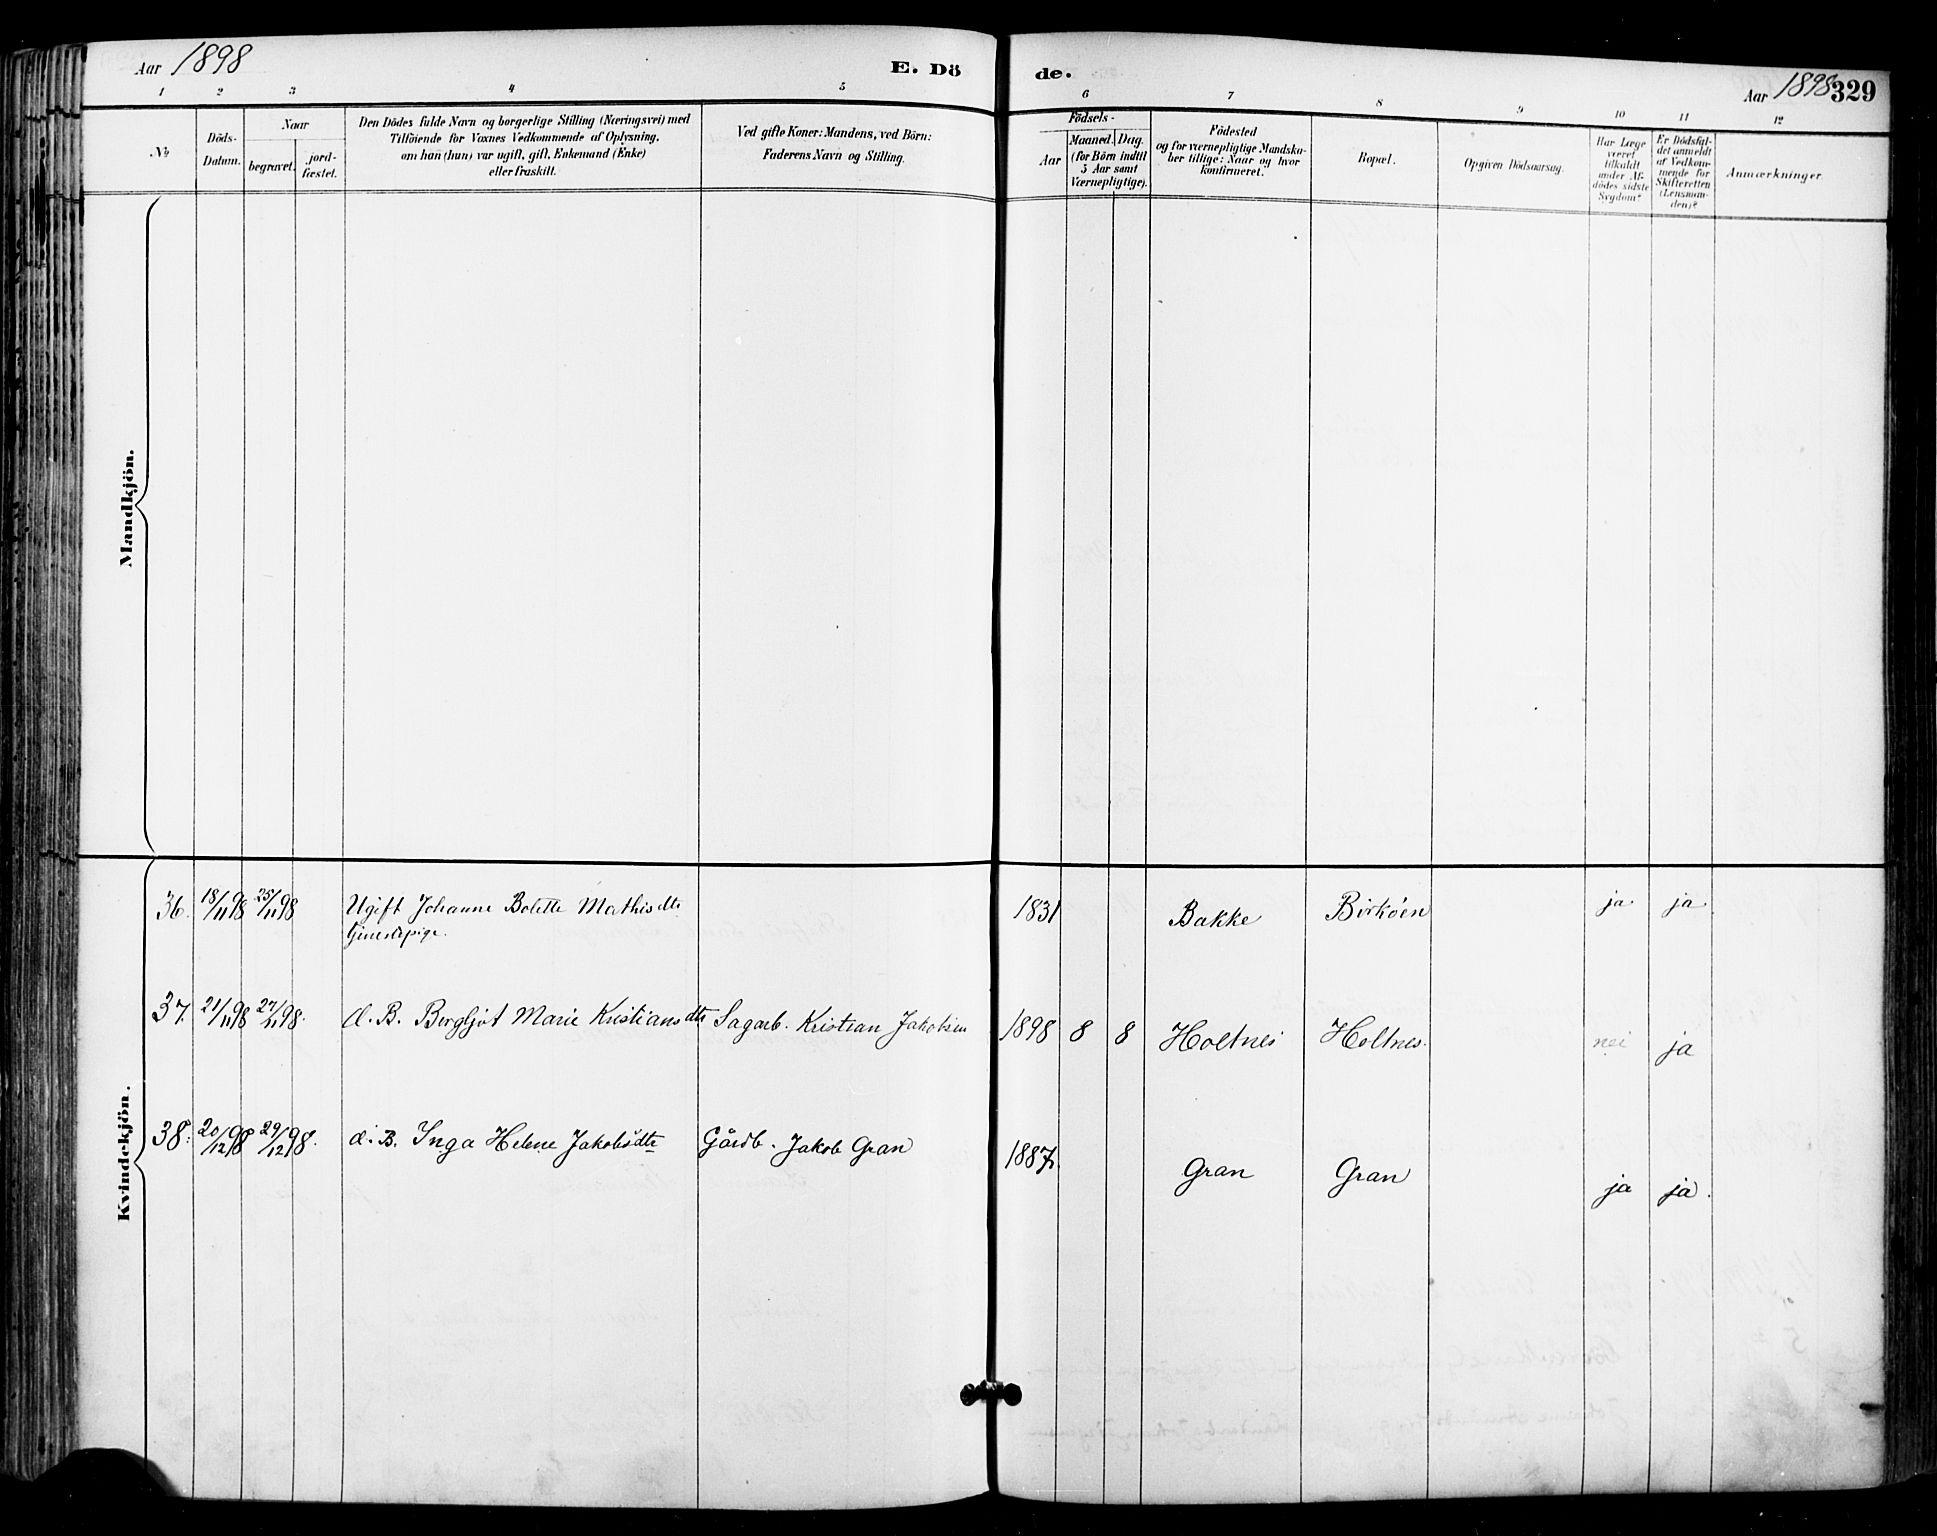 SAKO, Sande Kirkebøker, F/Fa/L0007: Ministerialbok nr. 7, 1888-1903, s. 329